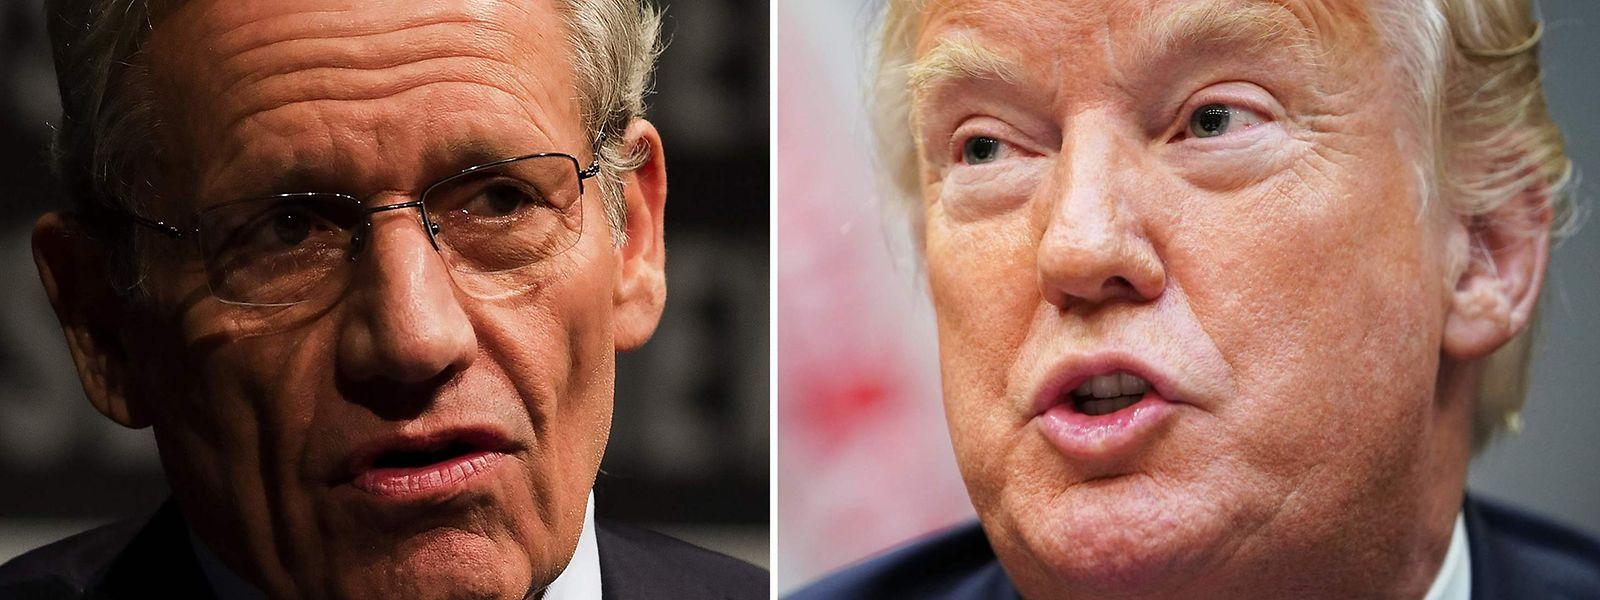 Bob Woodward est l'un des deux journalistes à avoir révélé, dans les années 70, le scandale du Watergate, qui a conduit le président des États-Unis de l'époque, Richard Nixon, à démissionner.